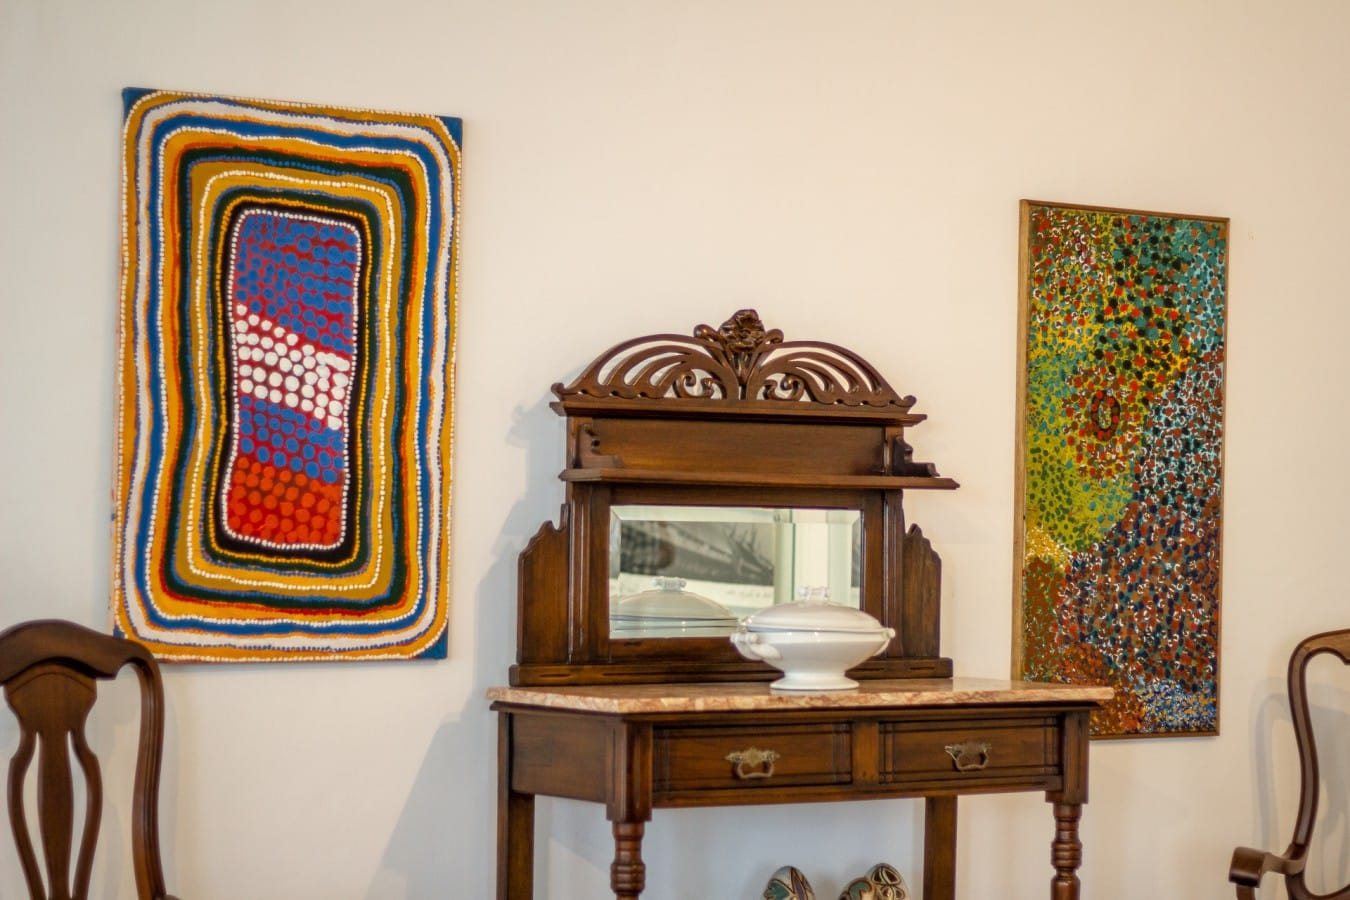 20180609 Arte Aborígene @joão Pedro 5618 - A arte aborígene na arquitetura de interiores